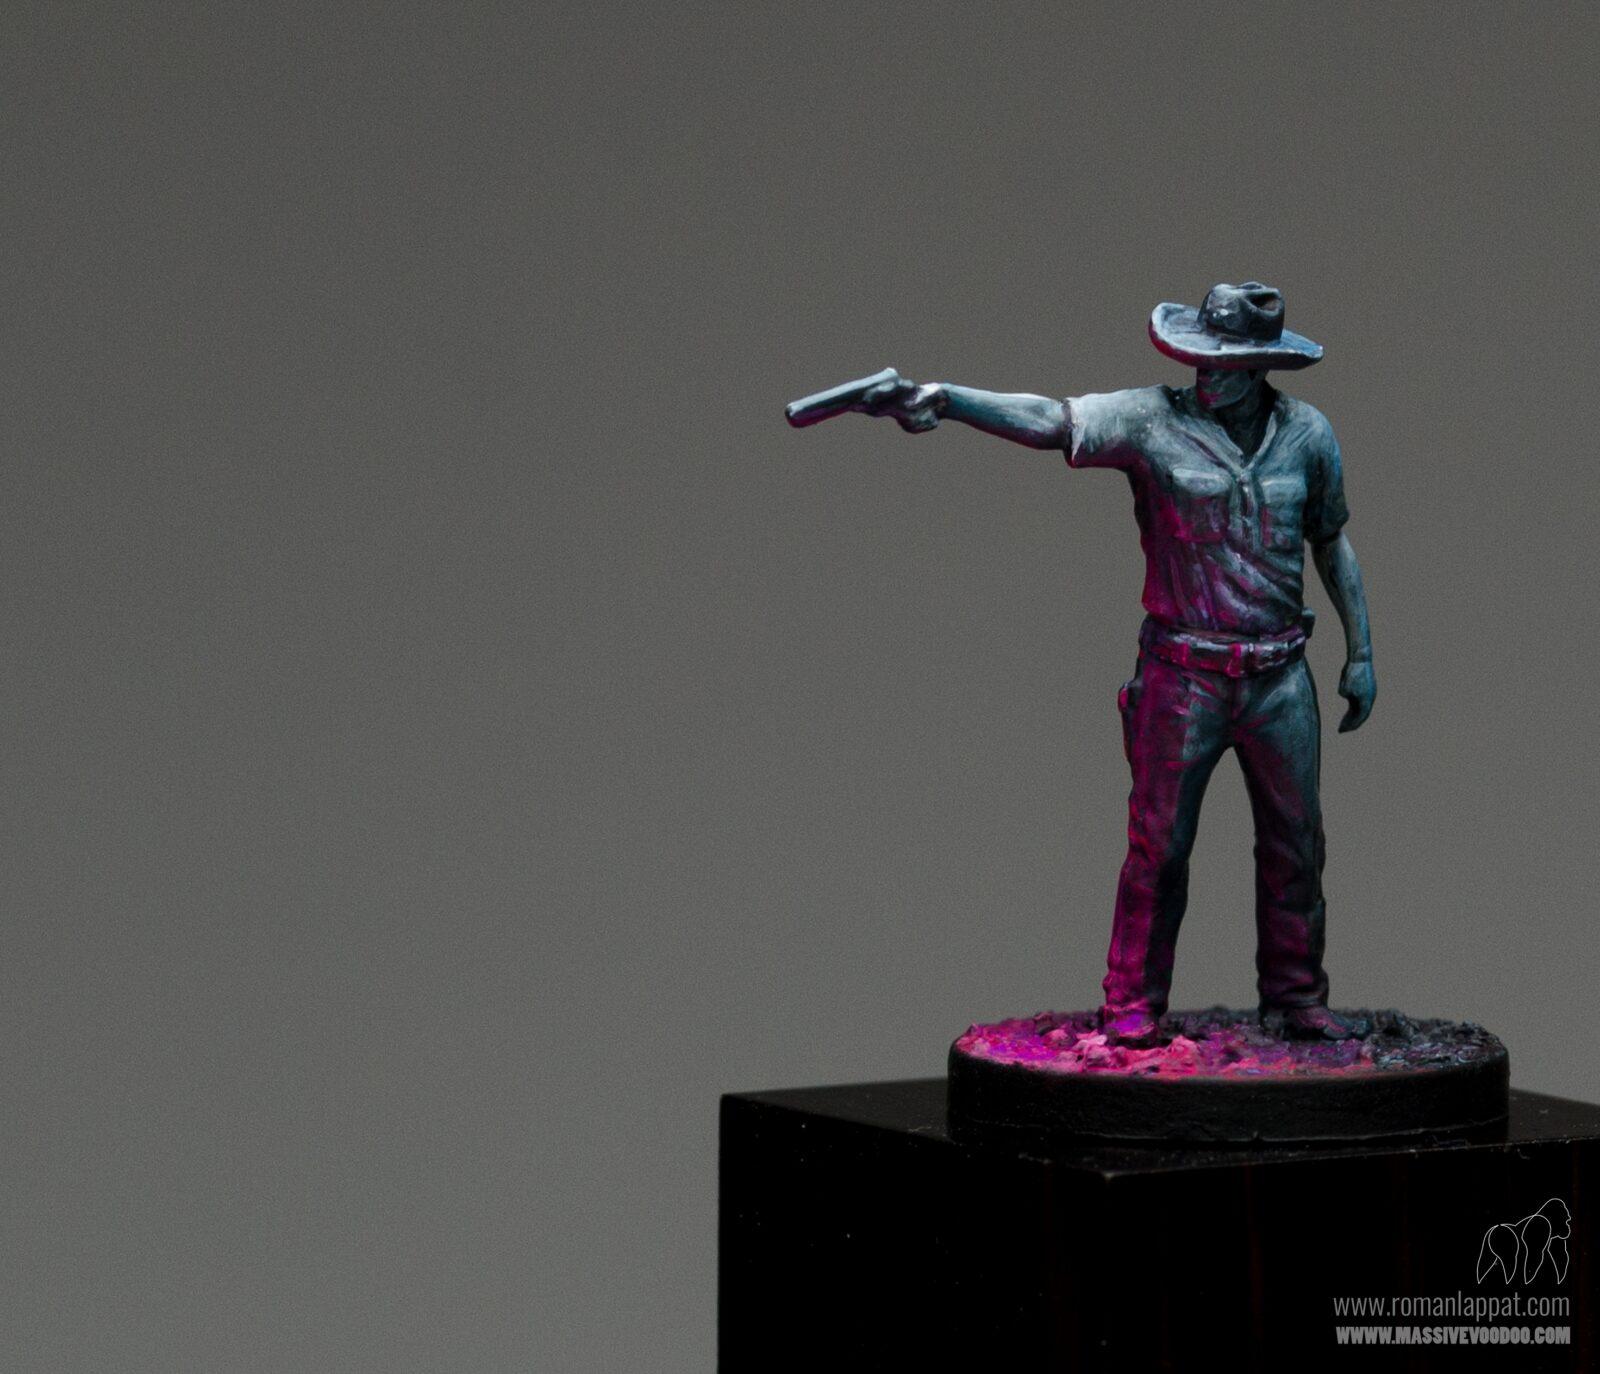 Tcowboy11